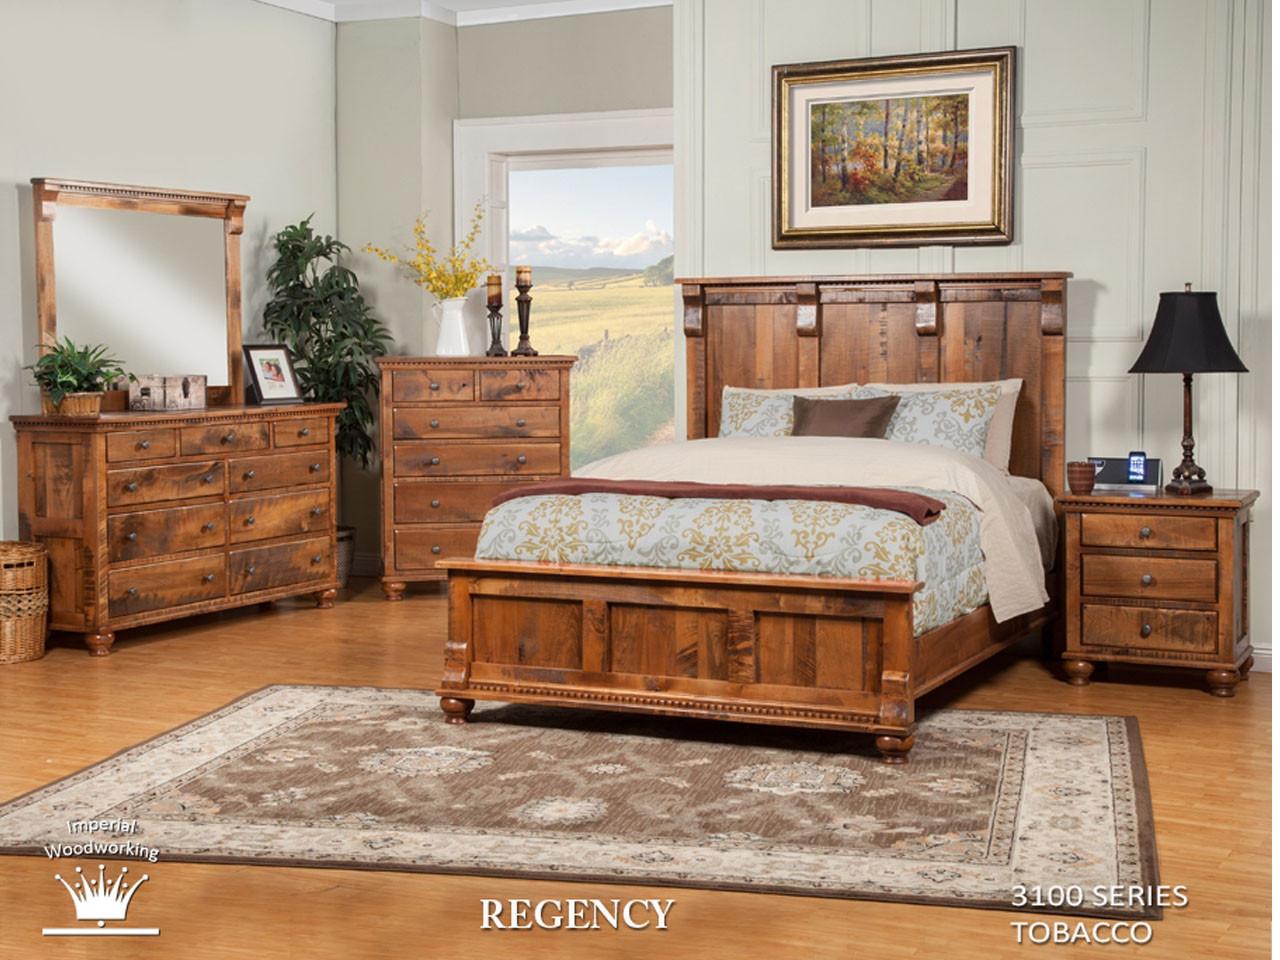 Clearance - Regency Bedroom Set - Vintage Oak Furniture